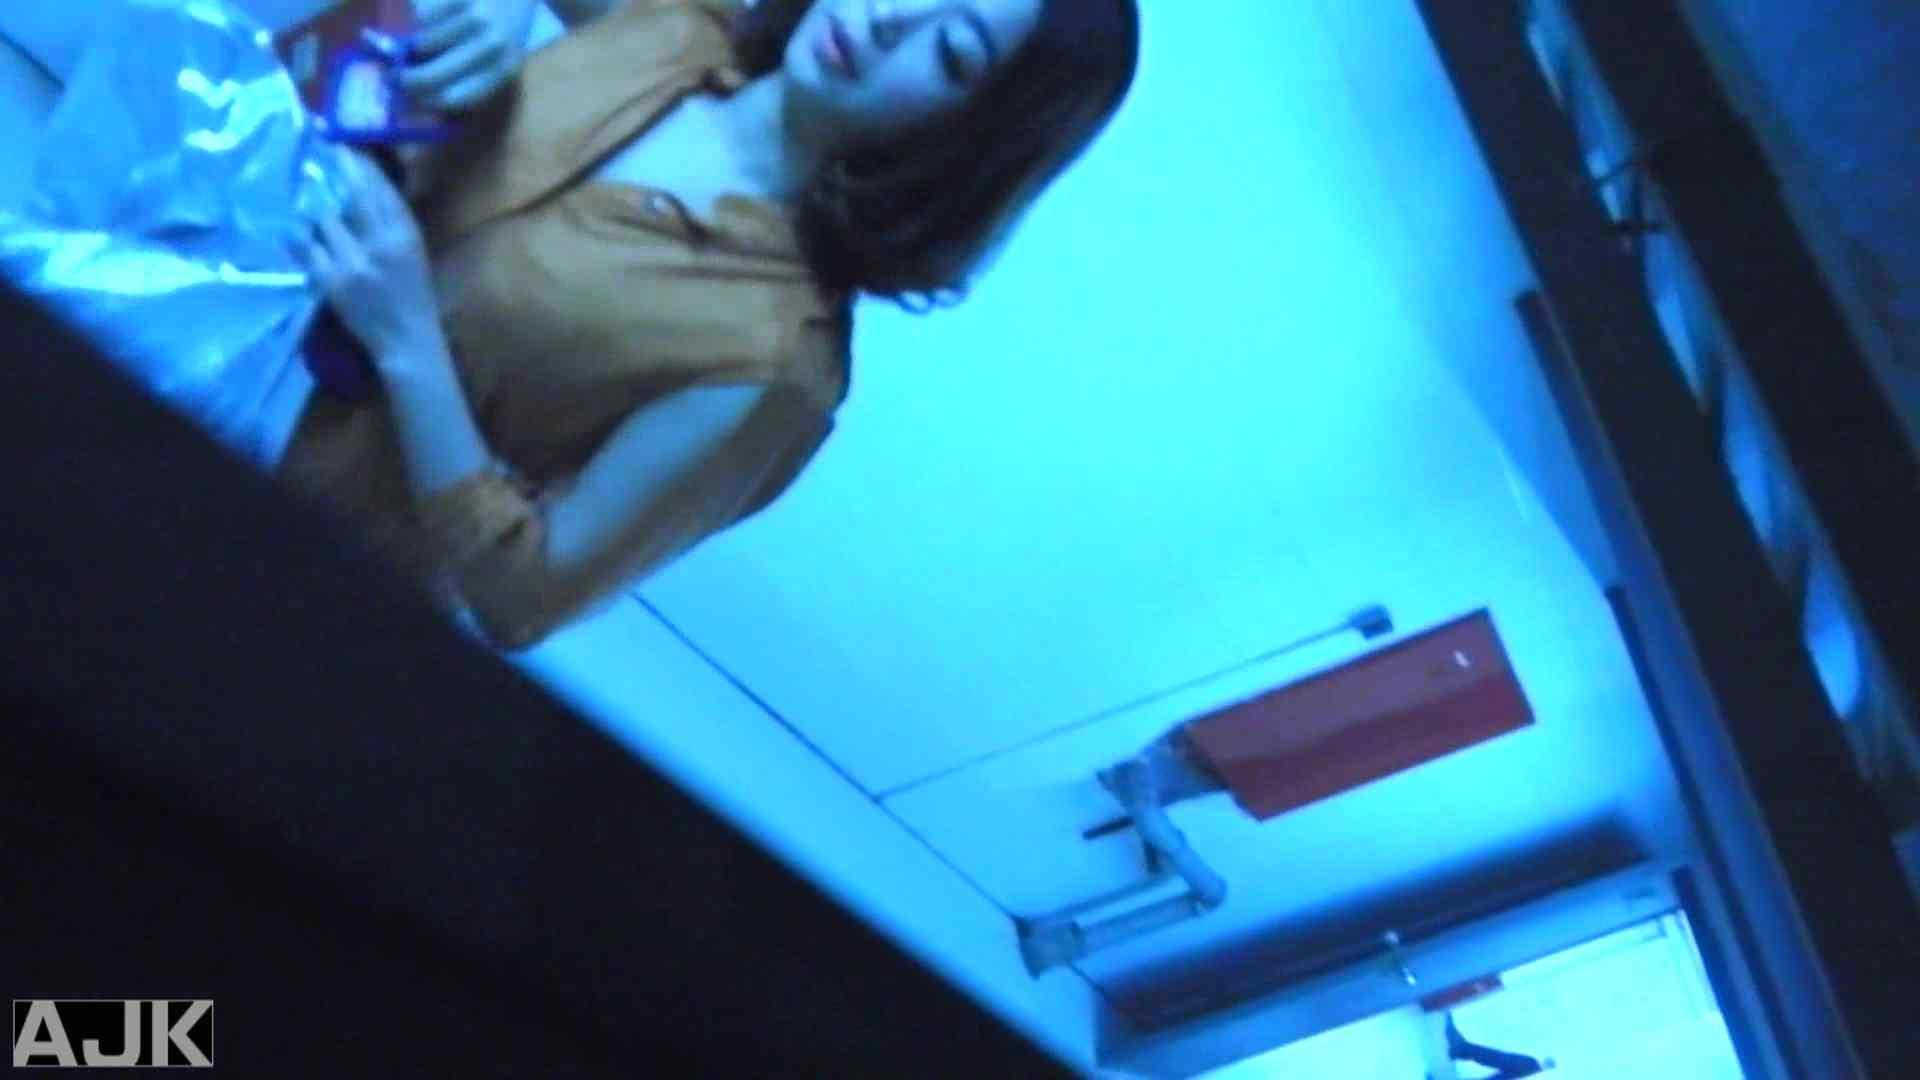 隣国上階級エリアの令嬢たちが集うデパートお手洗い Vol.12 オマンコ見放題 スケベ動画紹介 99枚 94